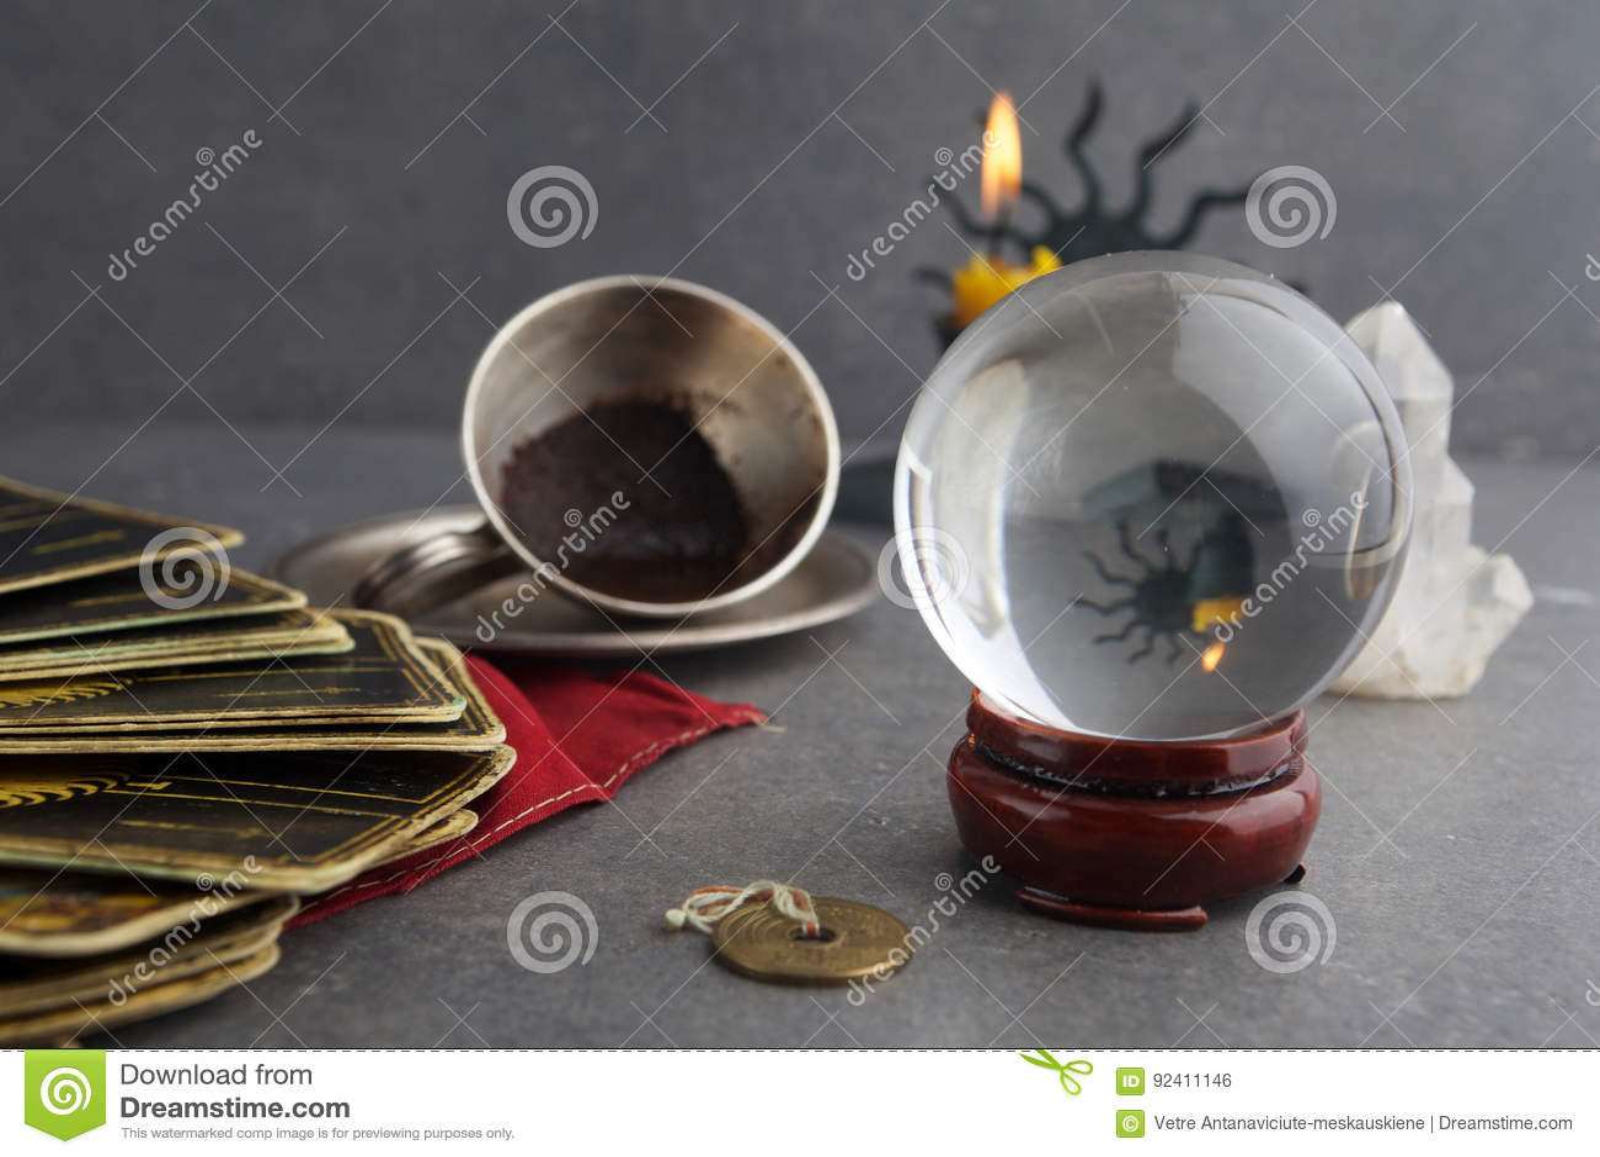 Zusammensetzung von geheimen Gegenständen, benutzt für das Heilen und die Wahrsagen